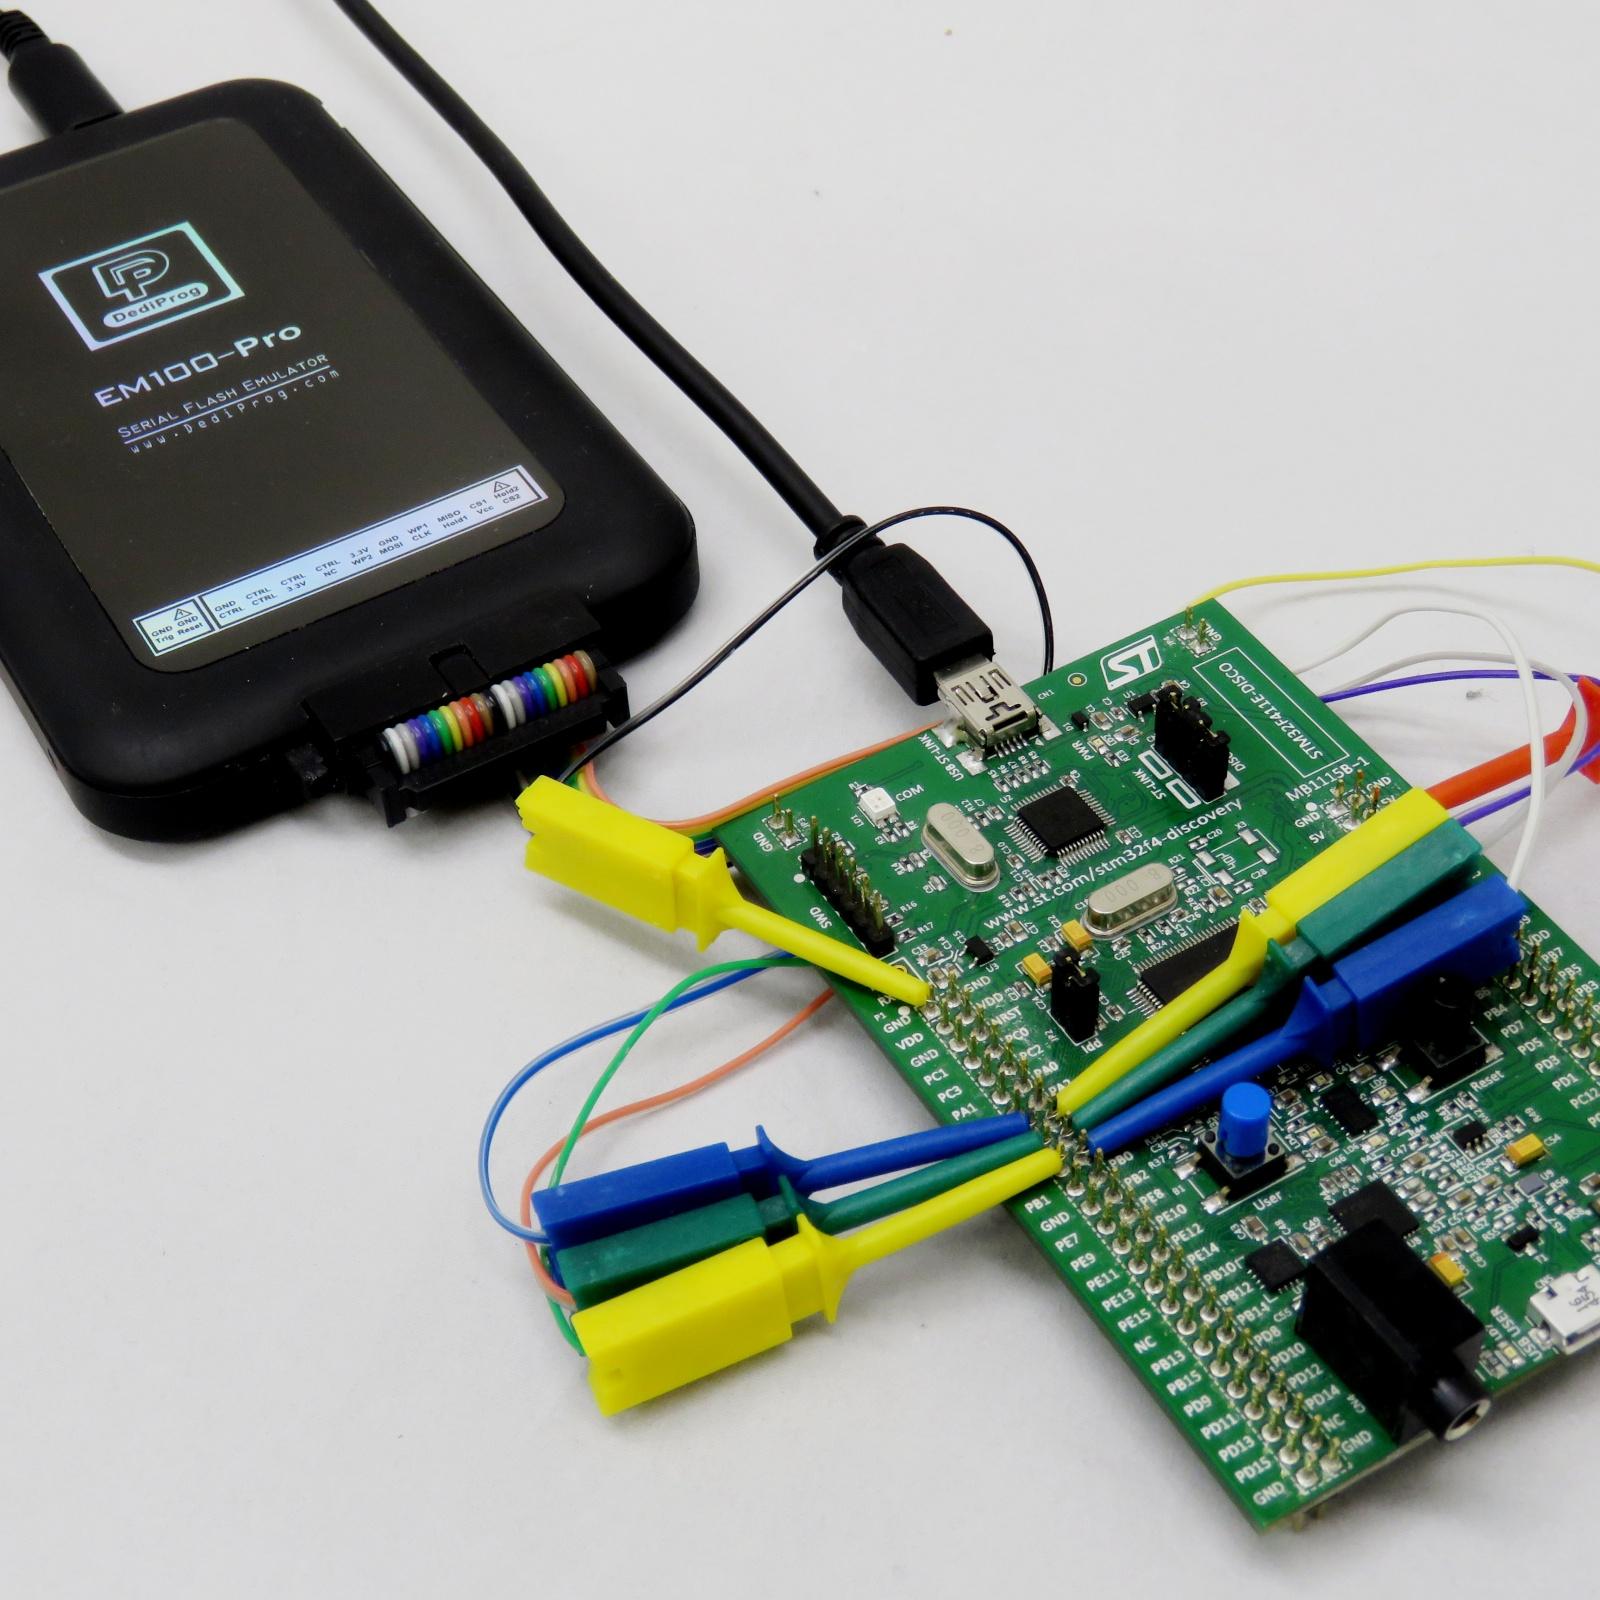 Реверс embedded: трассировка кода через SPI-flash - 3